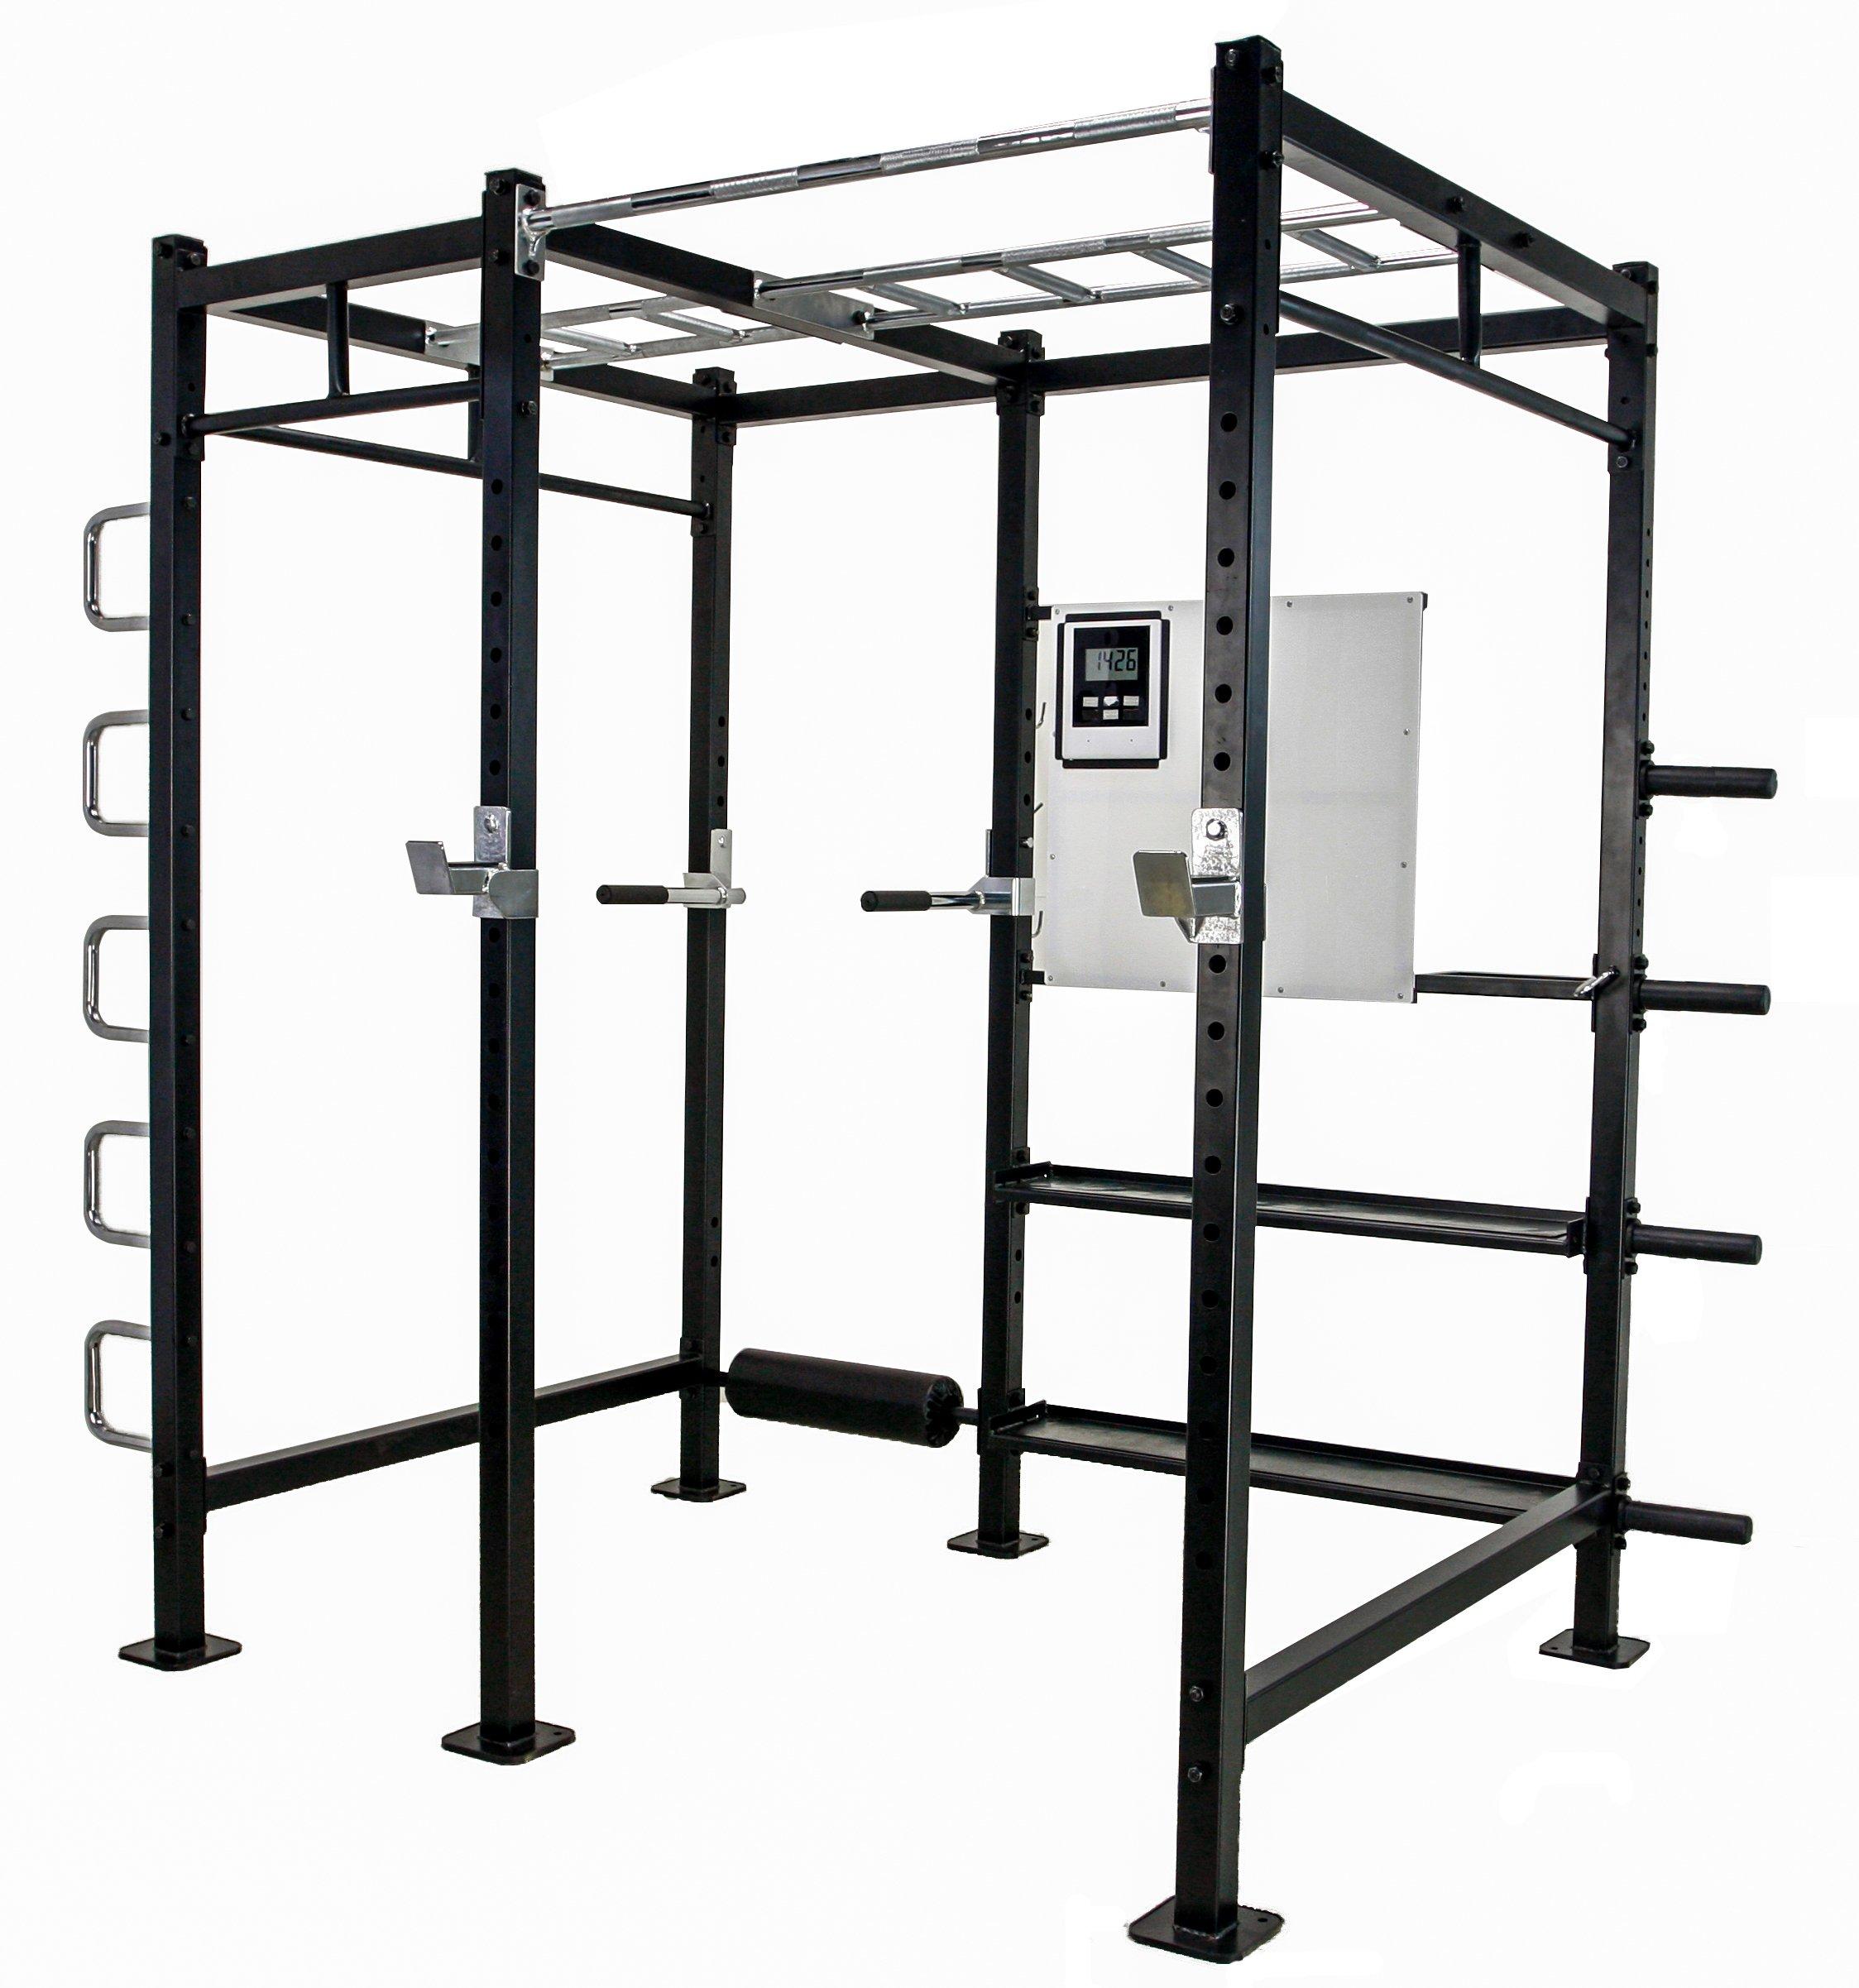 Steelbody T-Rack STB-98001 by Steelbody